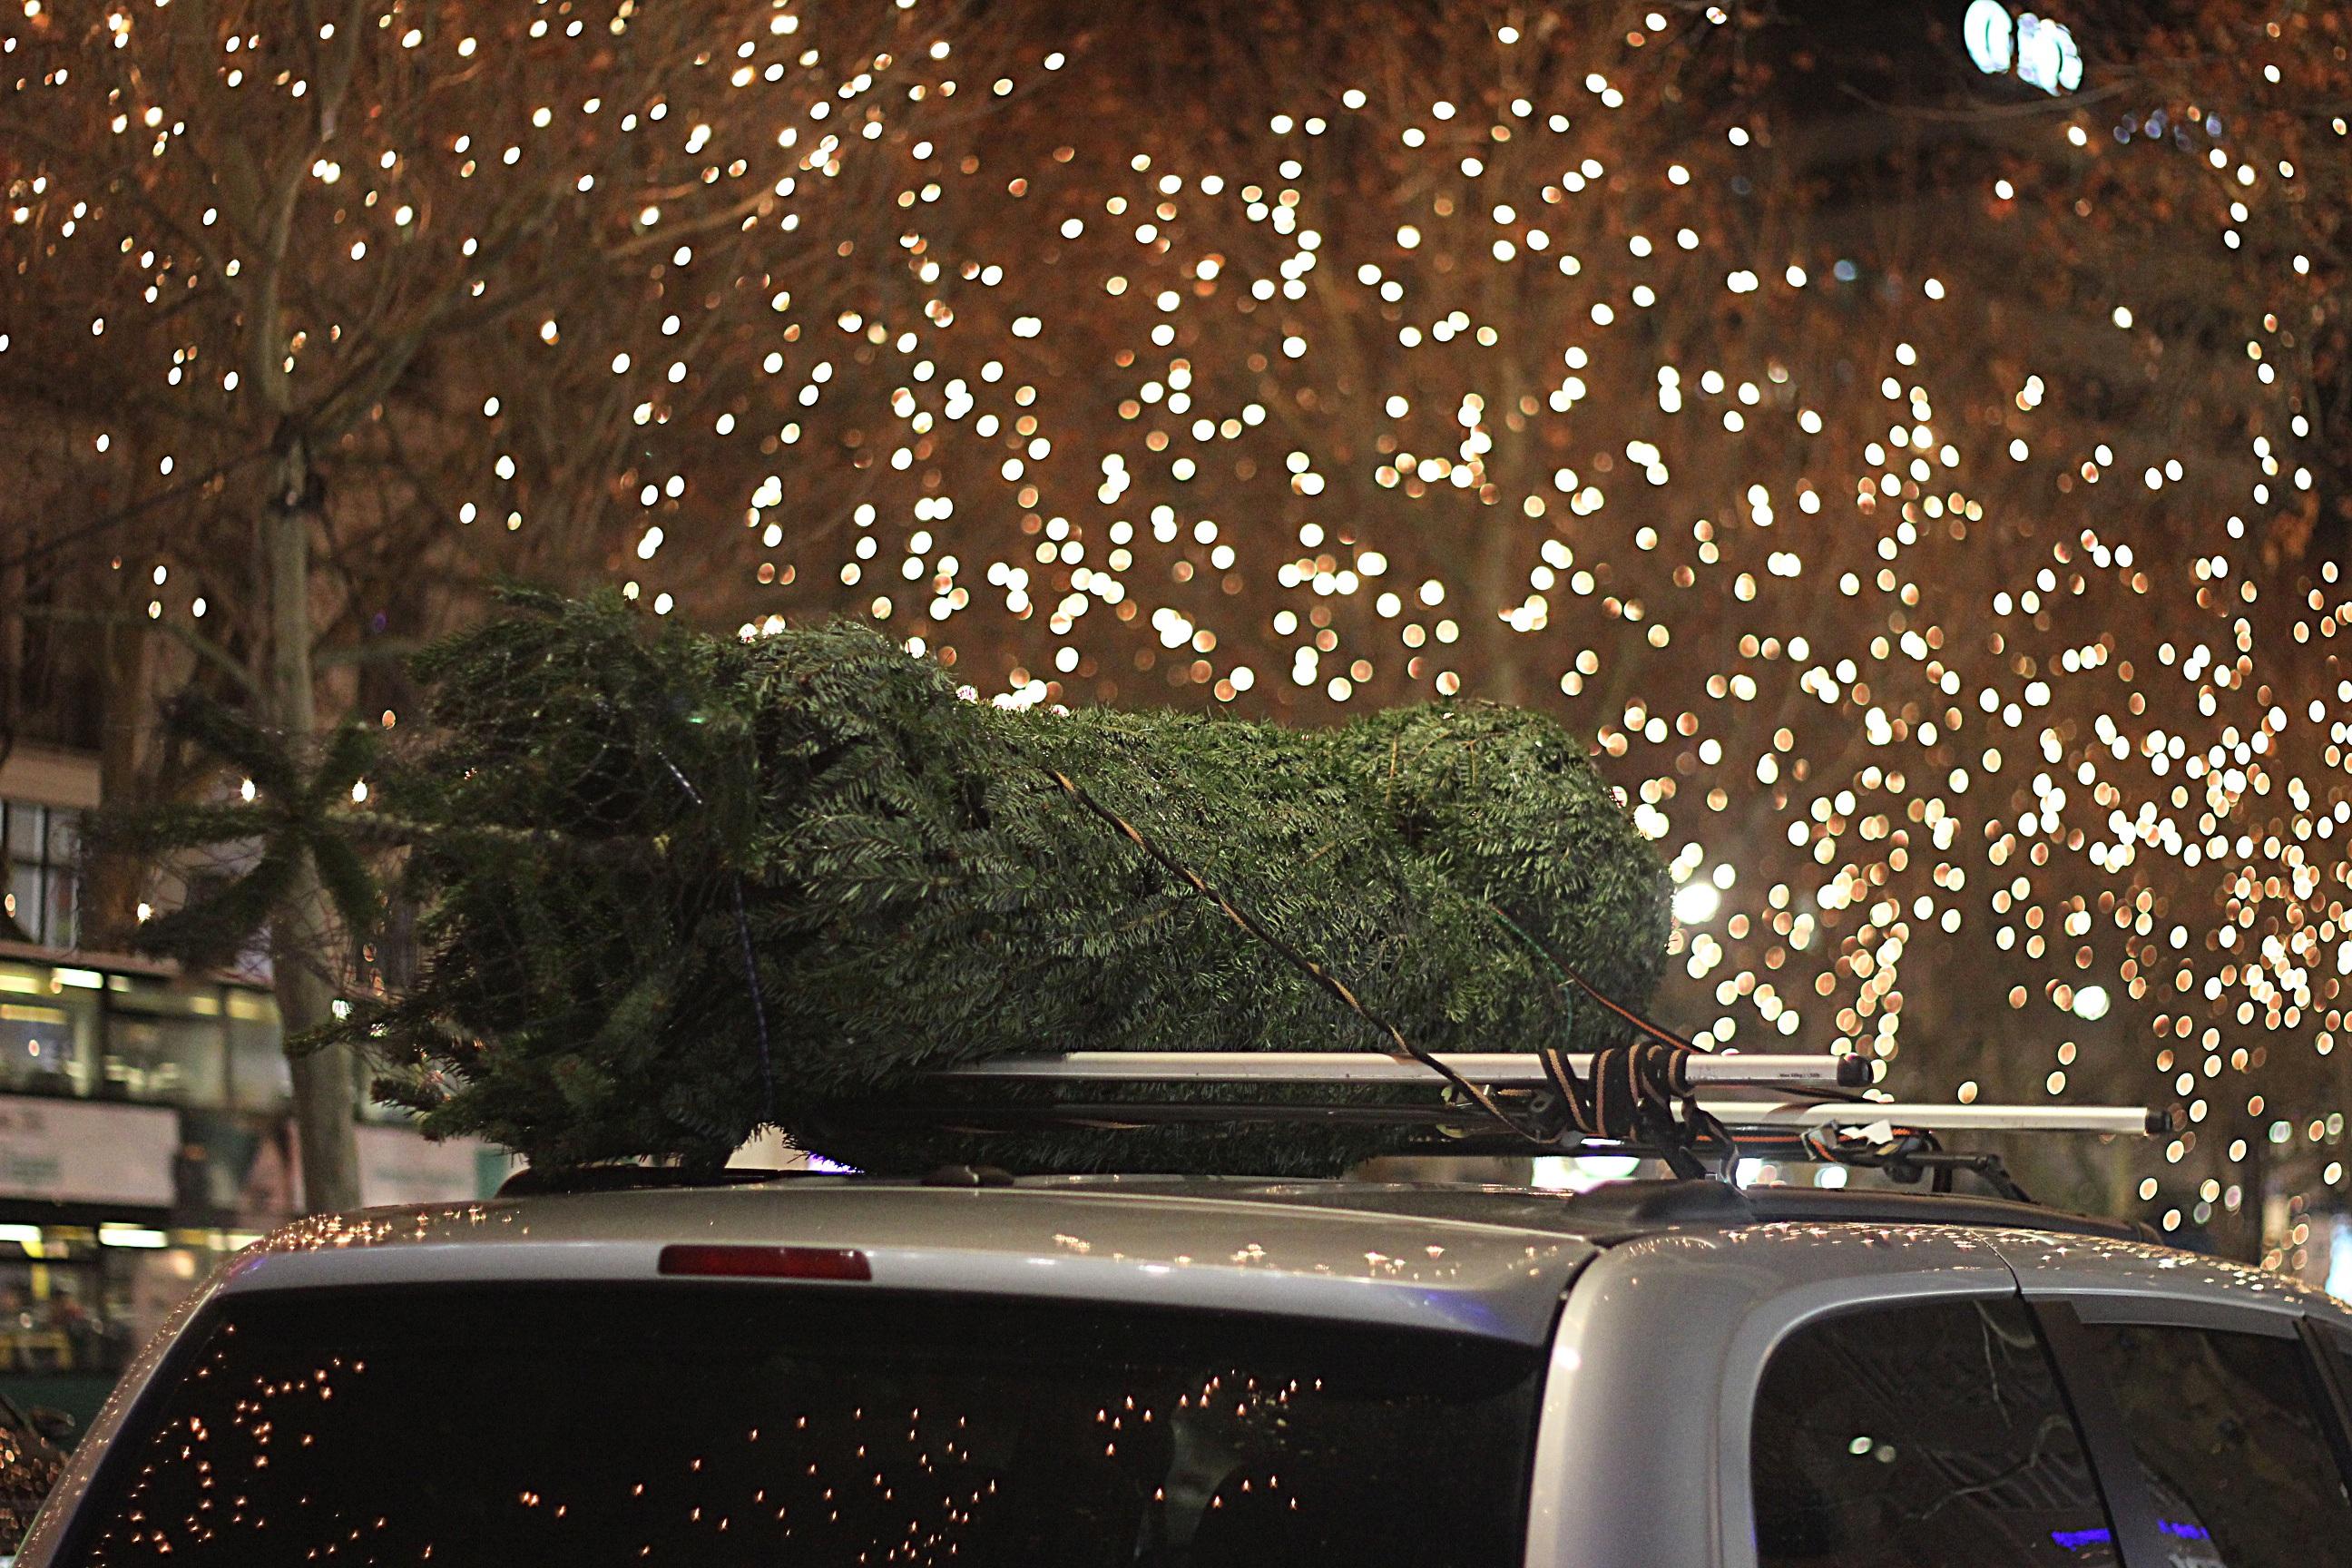 immagini belle : la neve, leggero, strada, auto, notte, bicchiere ... - Illuminazione Alberi Natale